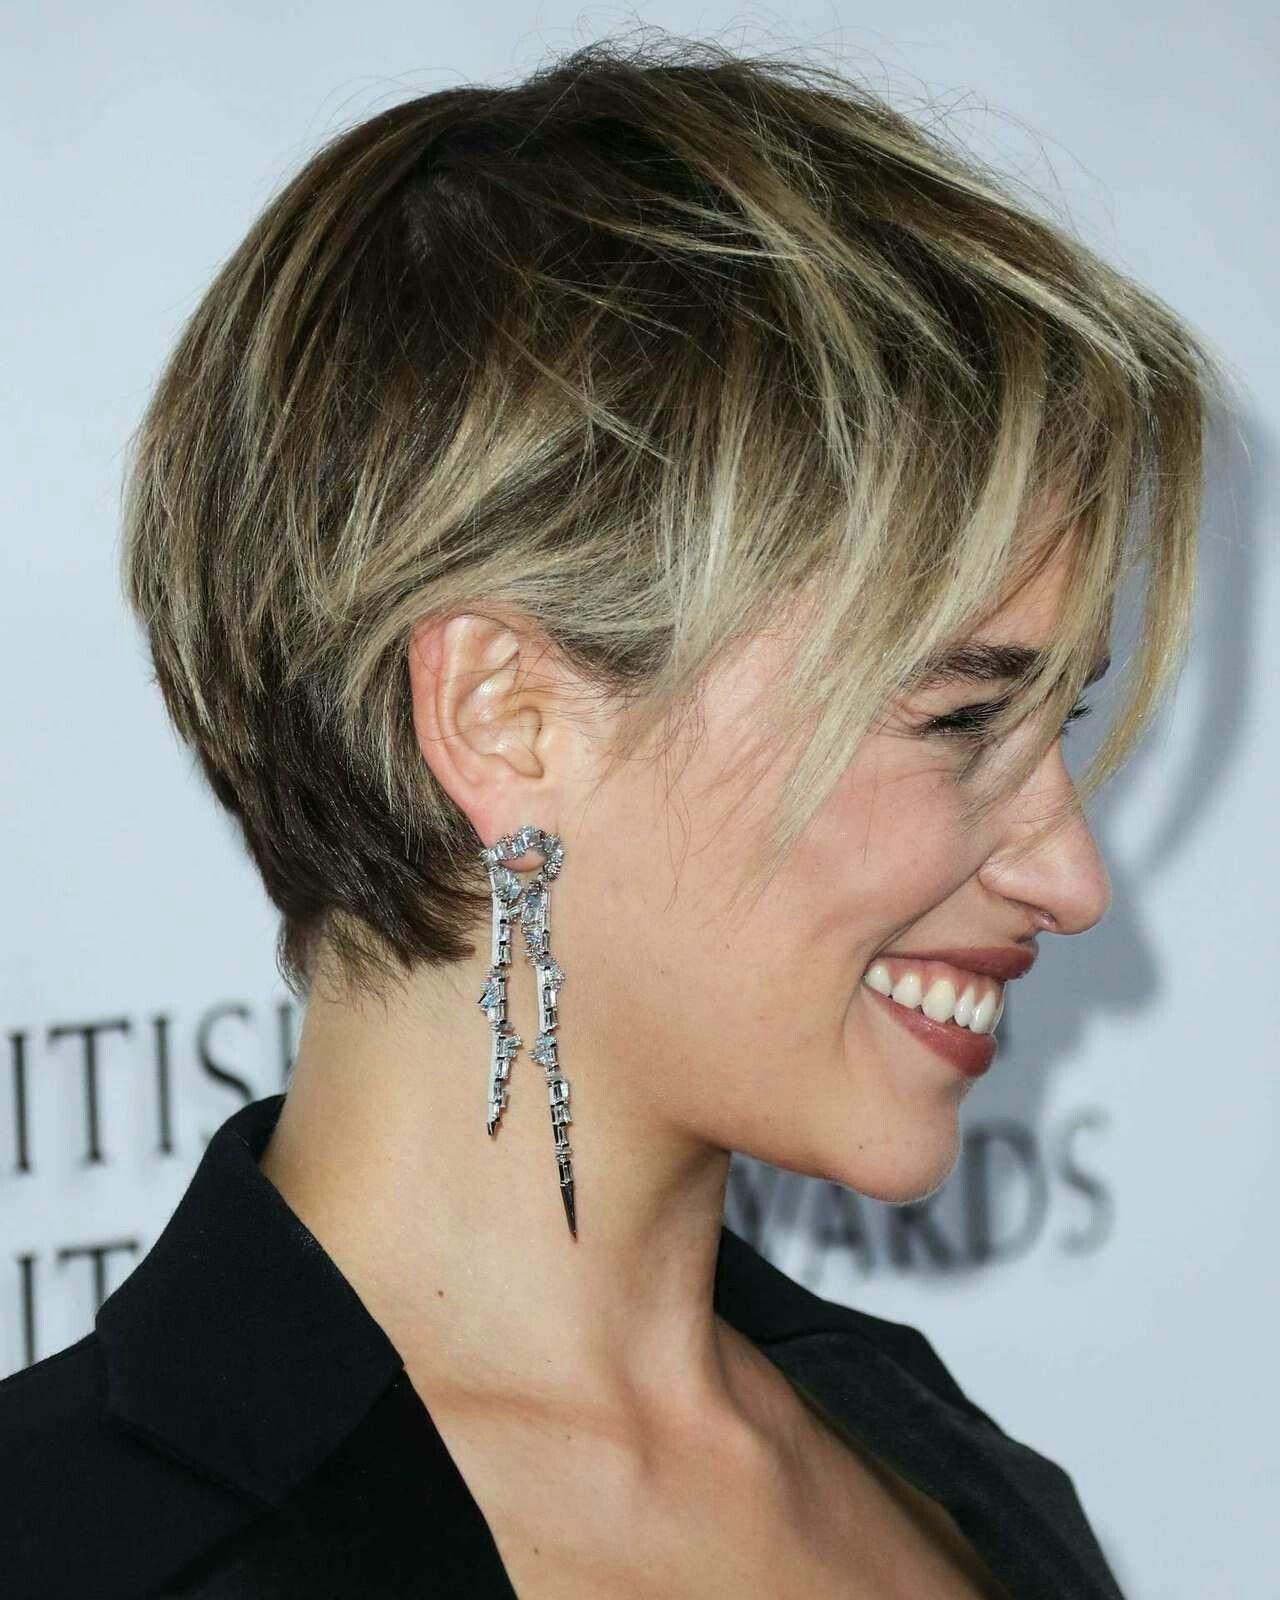 Emilia Clarke Kurzhaarschnitt blonde Strähnen dunkler Ansatz #kurz #frisur #pixie #shorthair #emiliaclarke